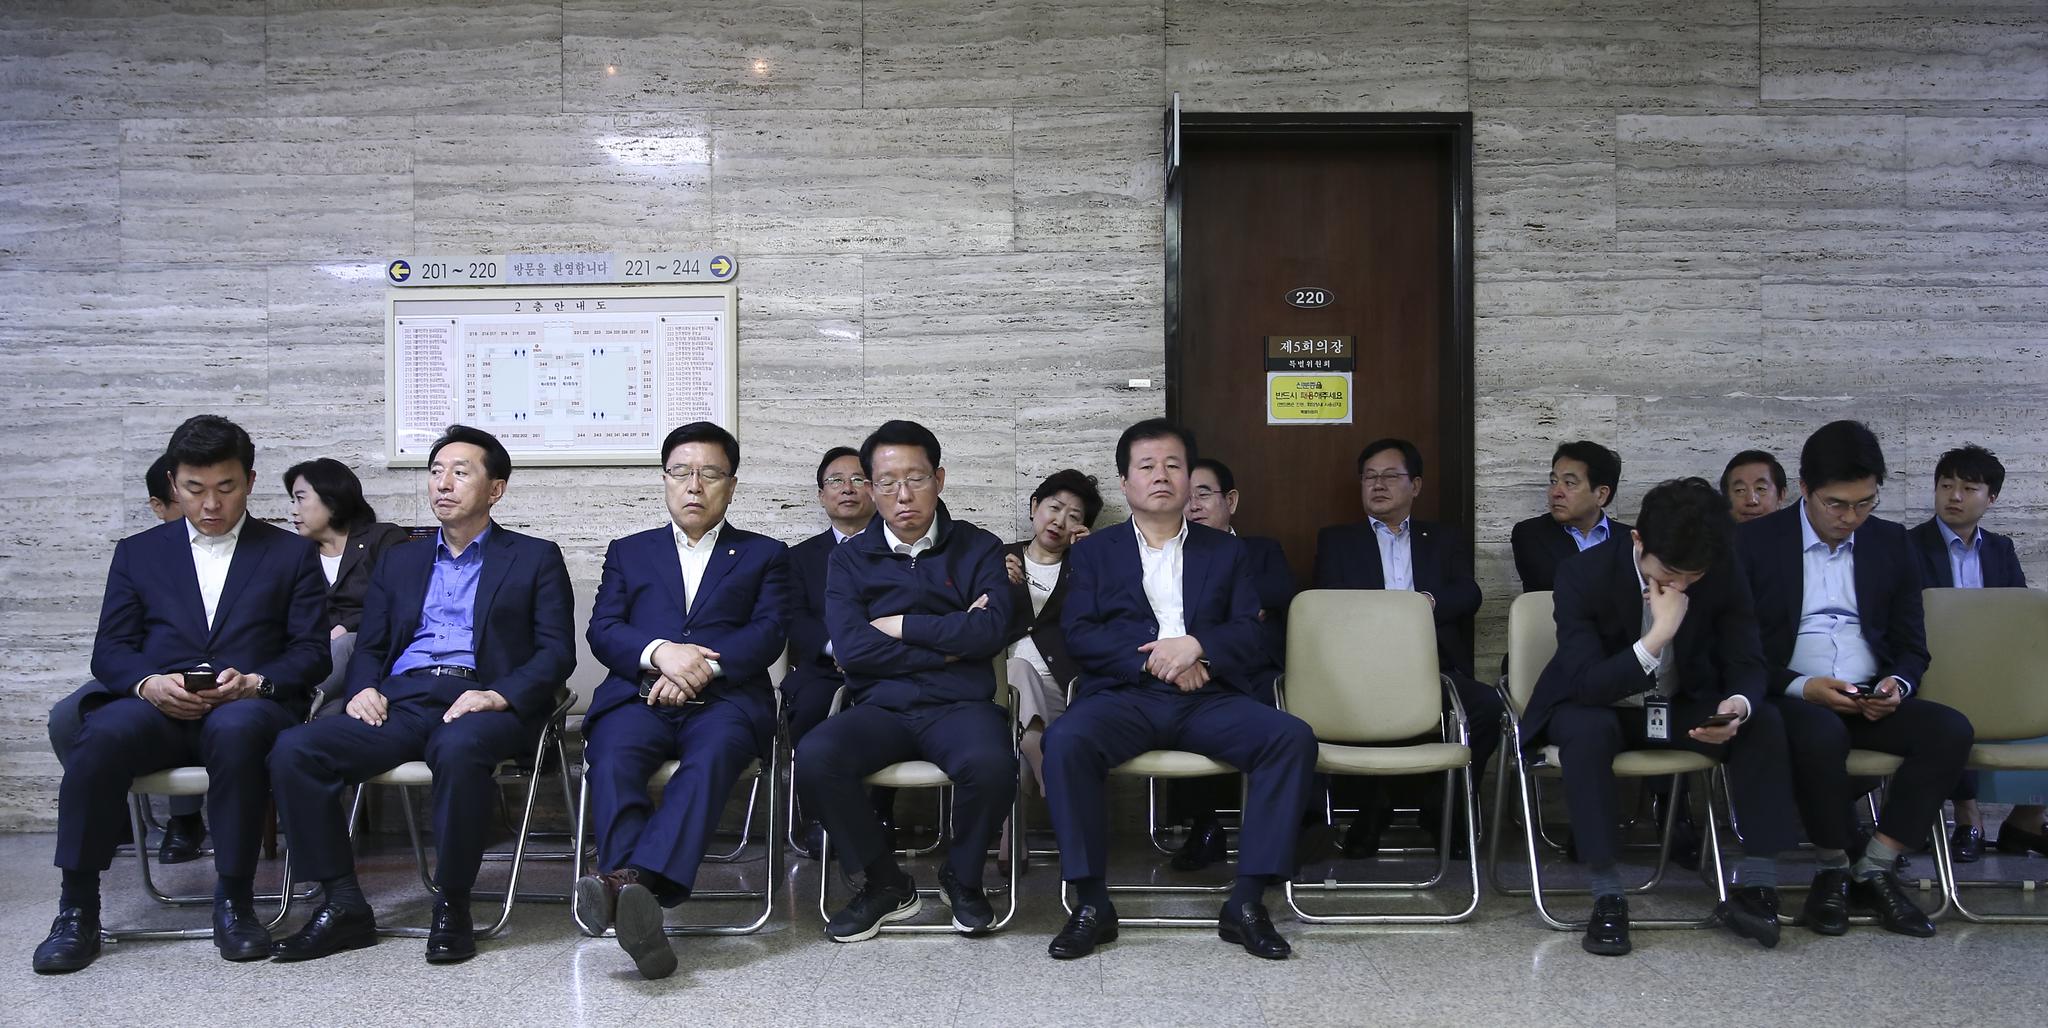 자유한국당 의원과 관계자들이 25일 본청 특위 회의실(220호) 앞에서 대기하고 있다 . 임현동 기자